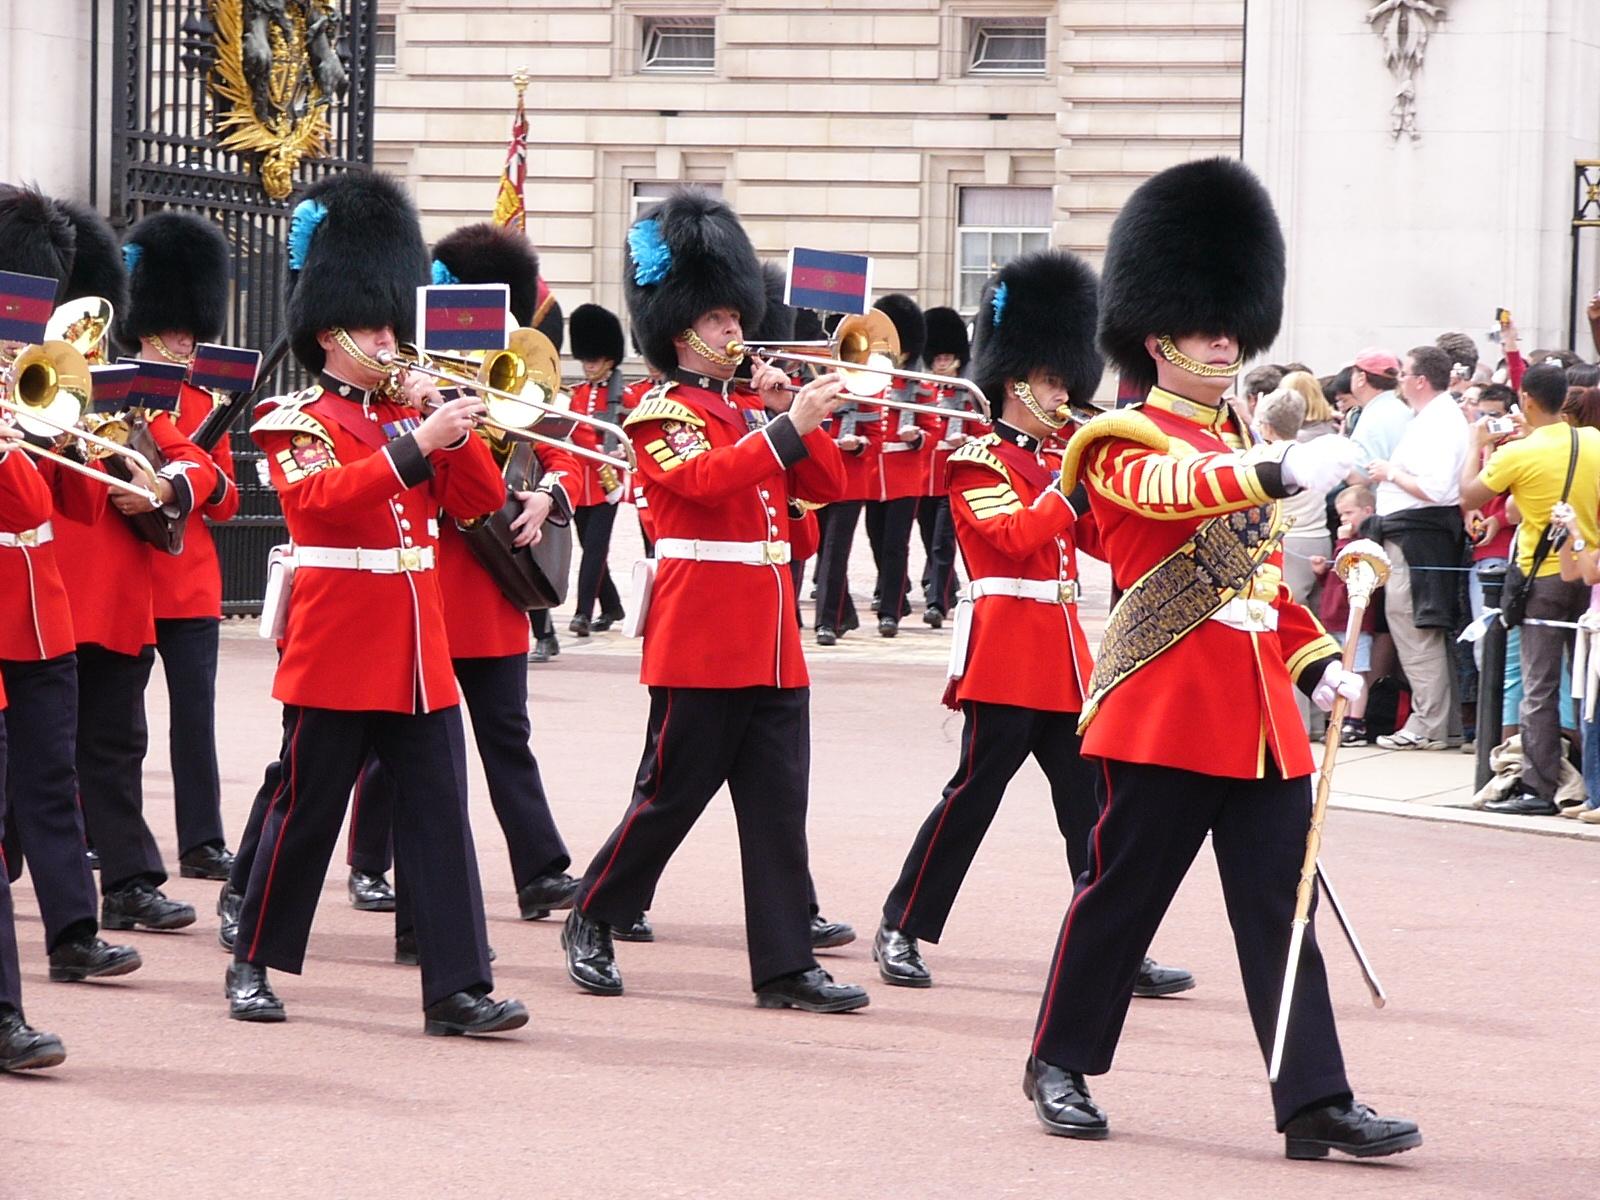 ロンドン(London) その2:バッキンガム宮殿の衛兵交代